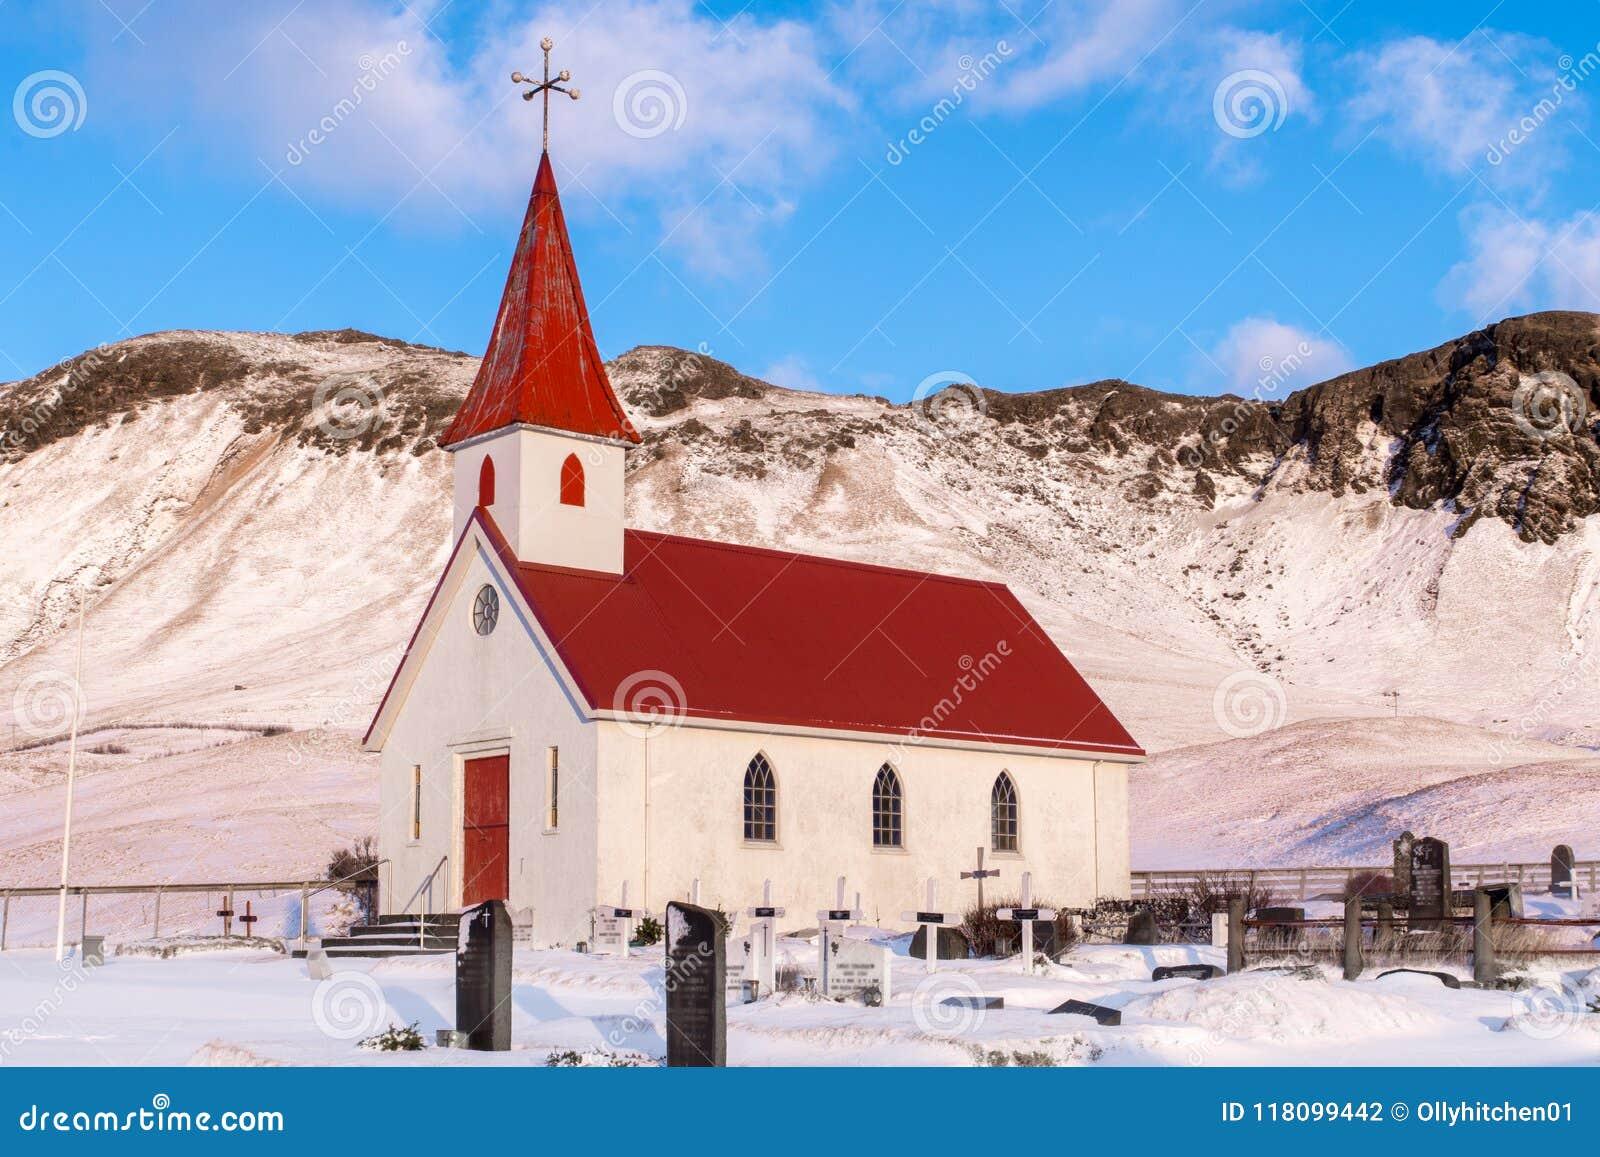 Een traditionele Ijslandse kerktribunes trots bij de voet van een sma